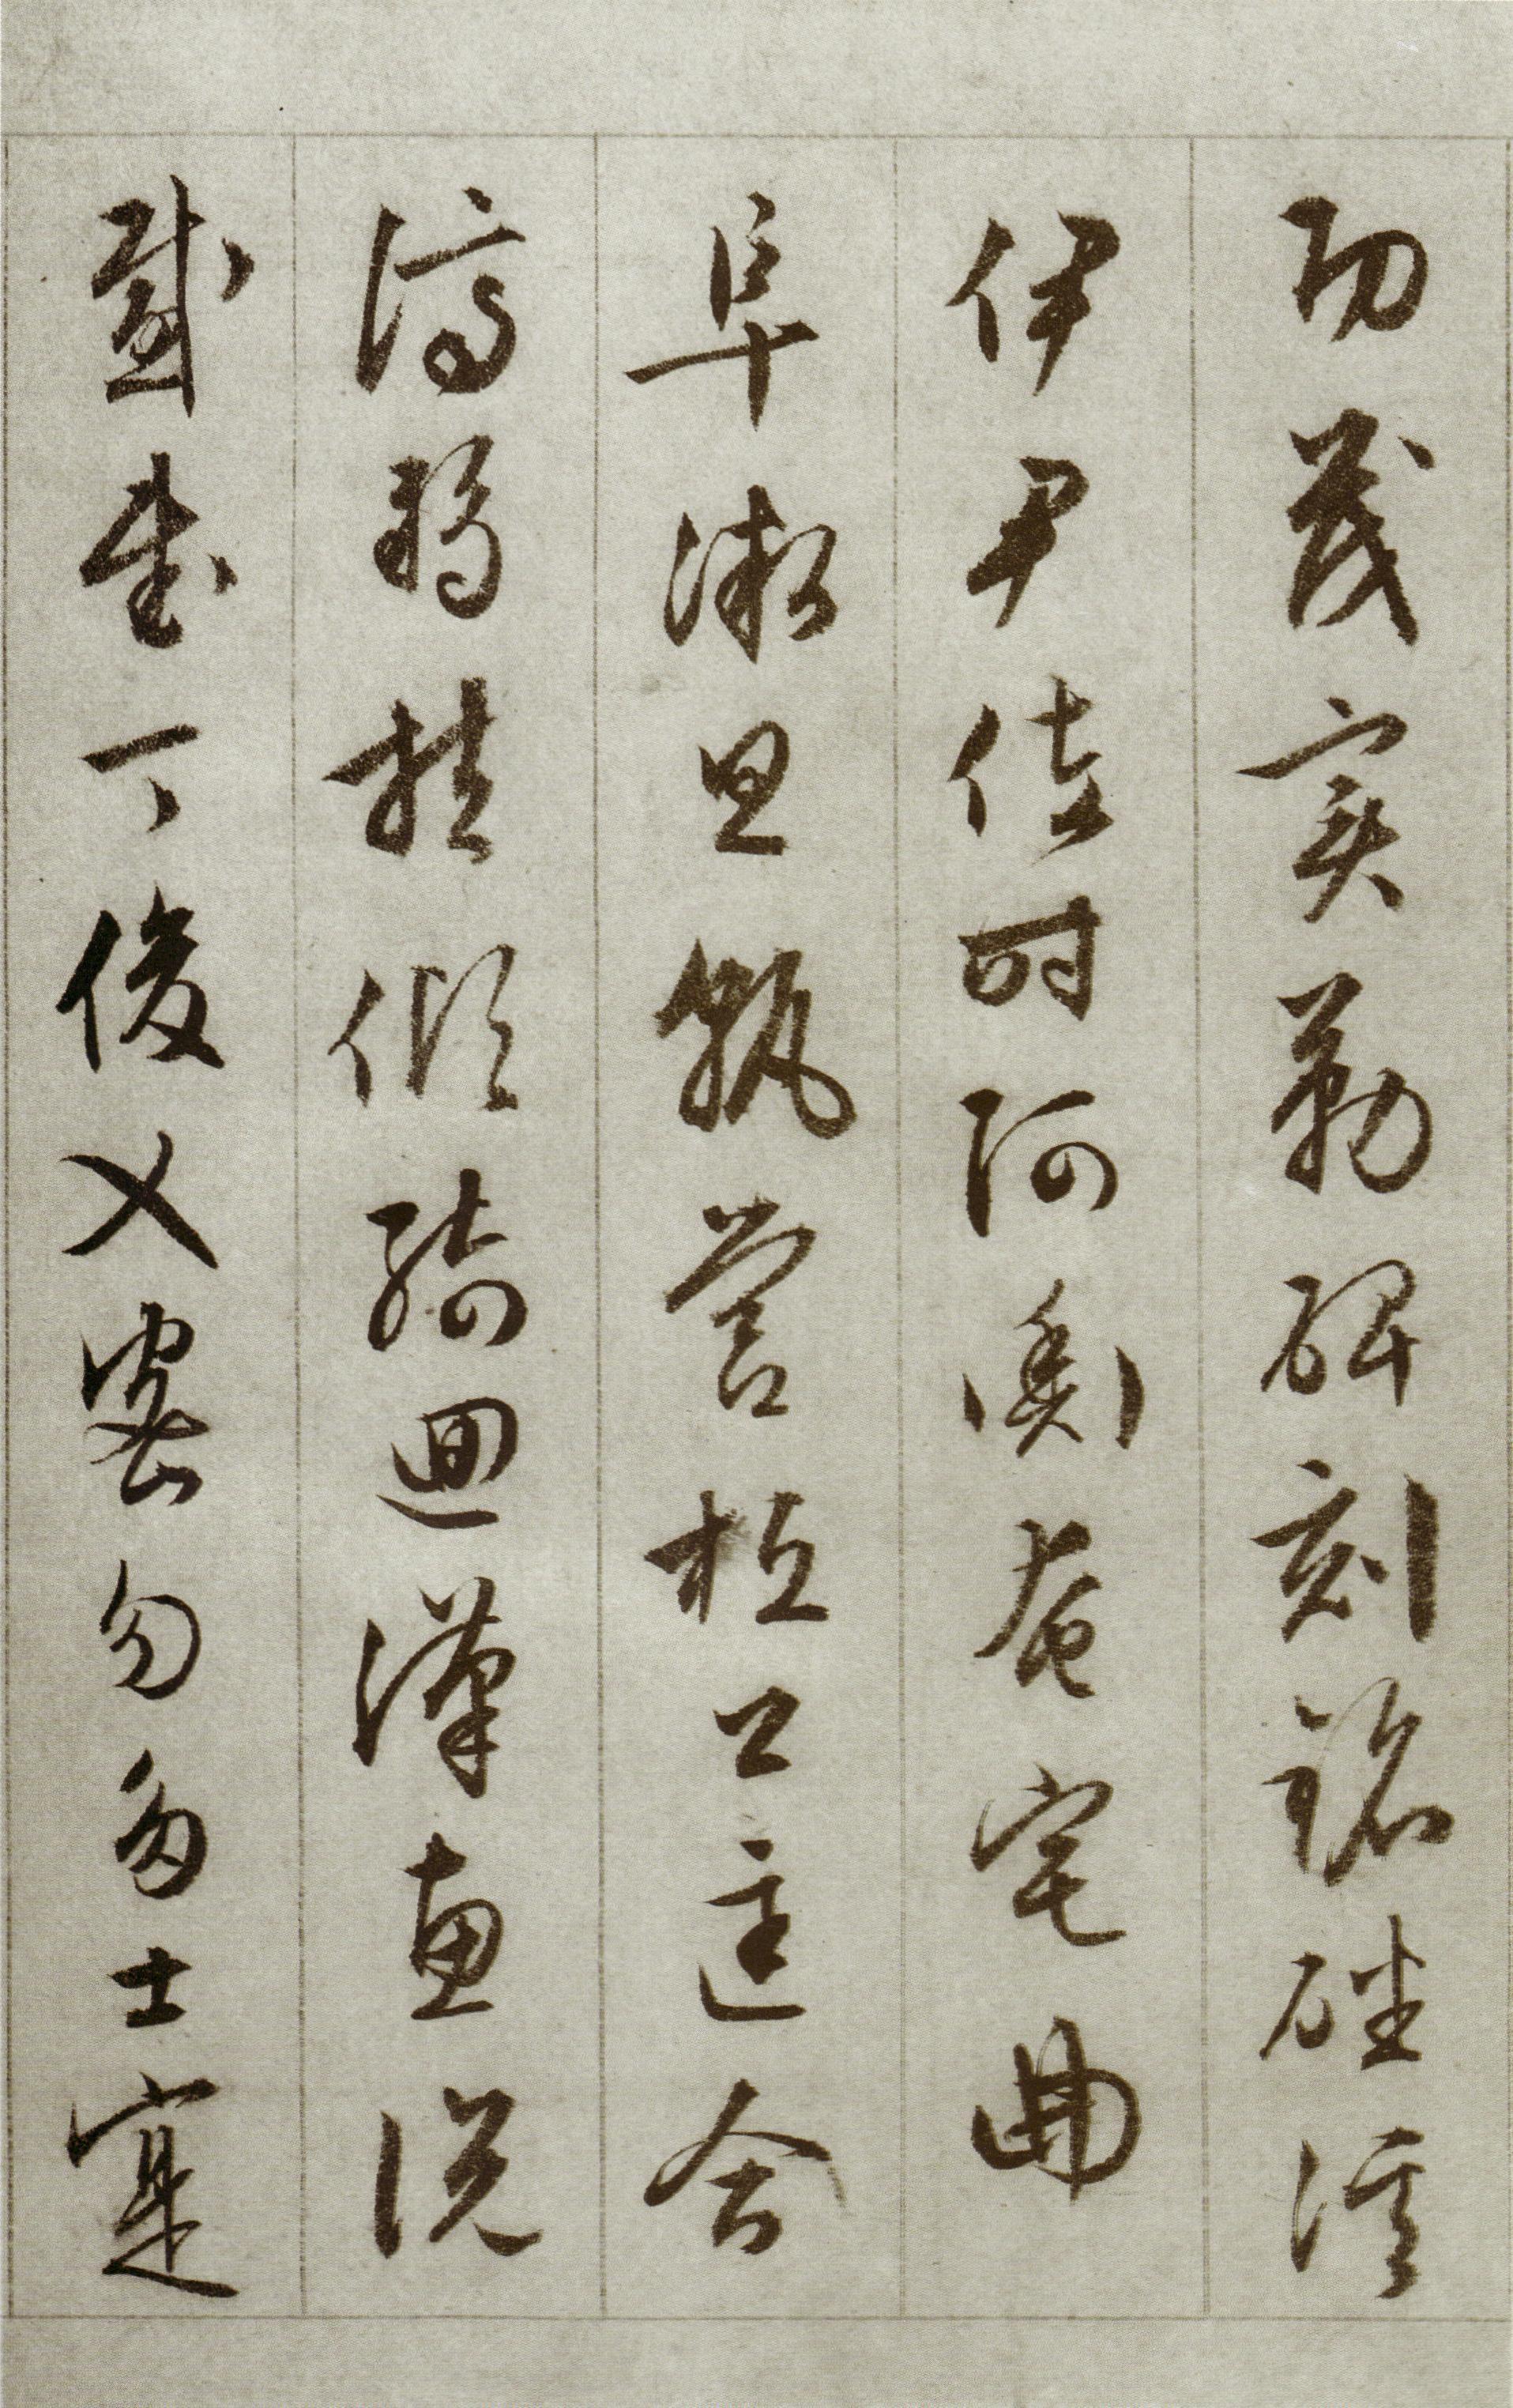 文徵明行书千字文 - 香儿 - xianger